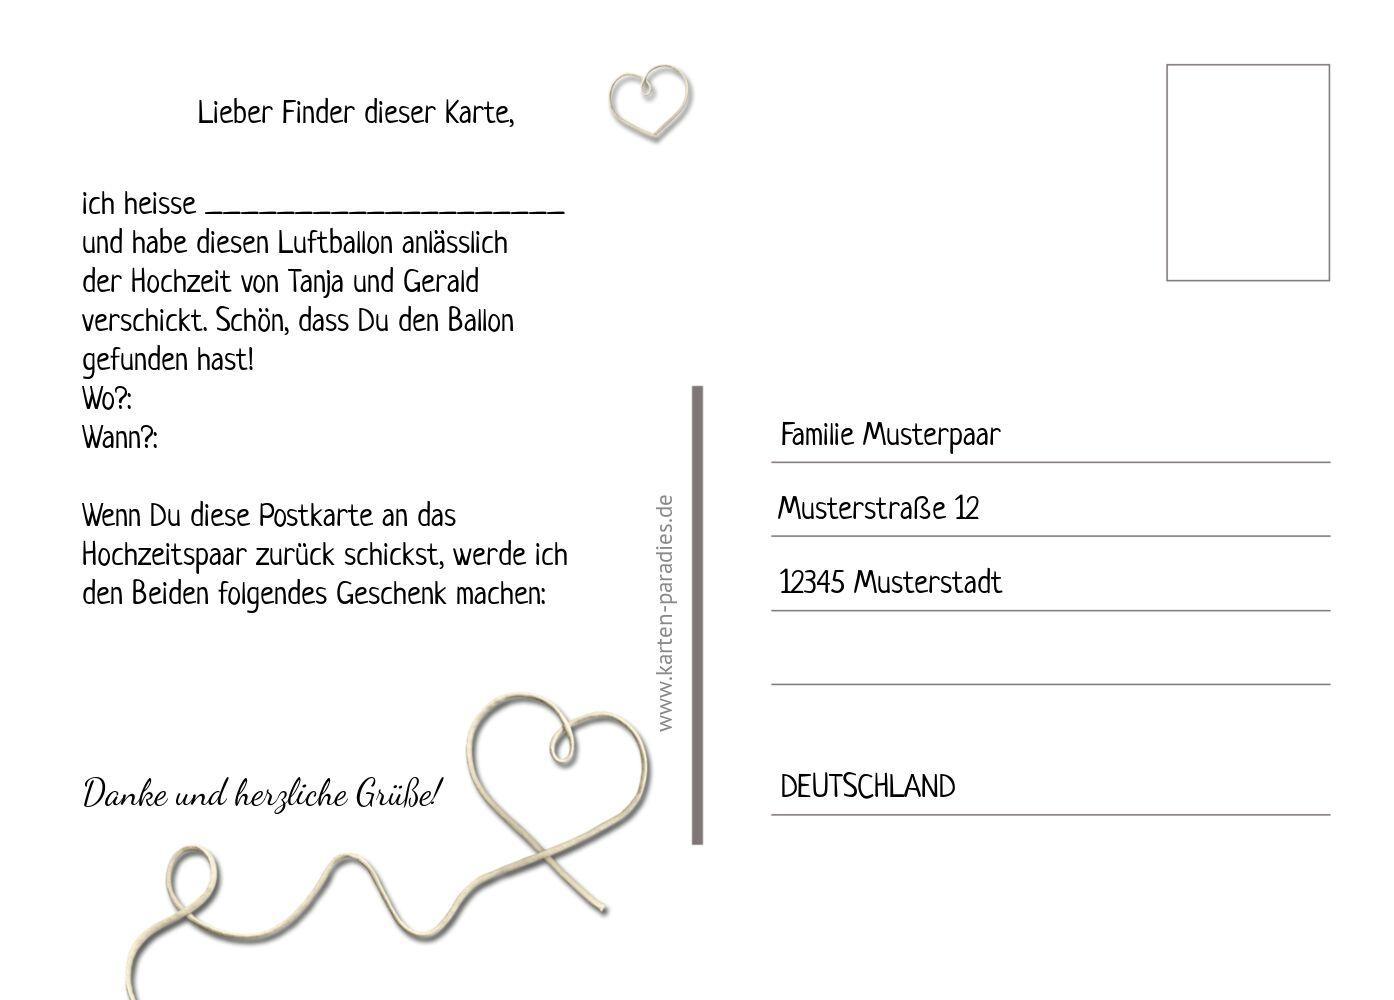 Ansicht 3 - Hochzeit Ballonkarte erfüllte Liebe